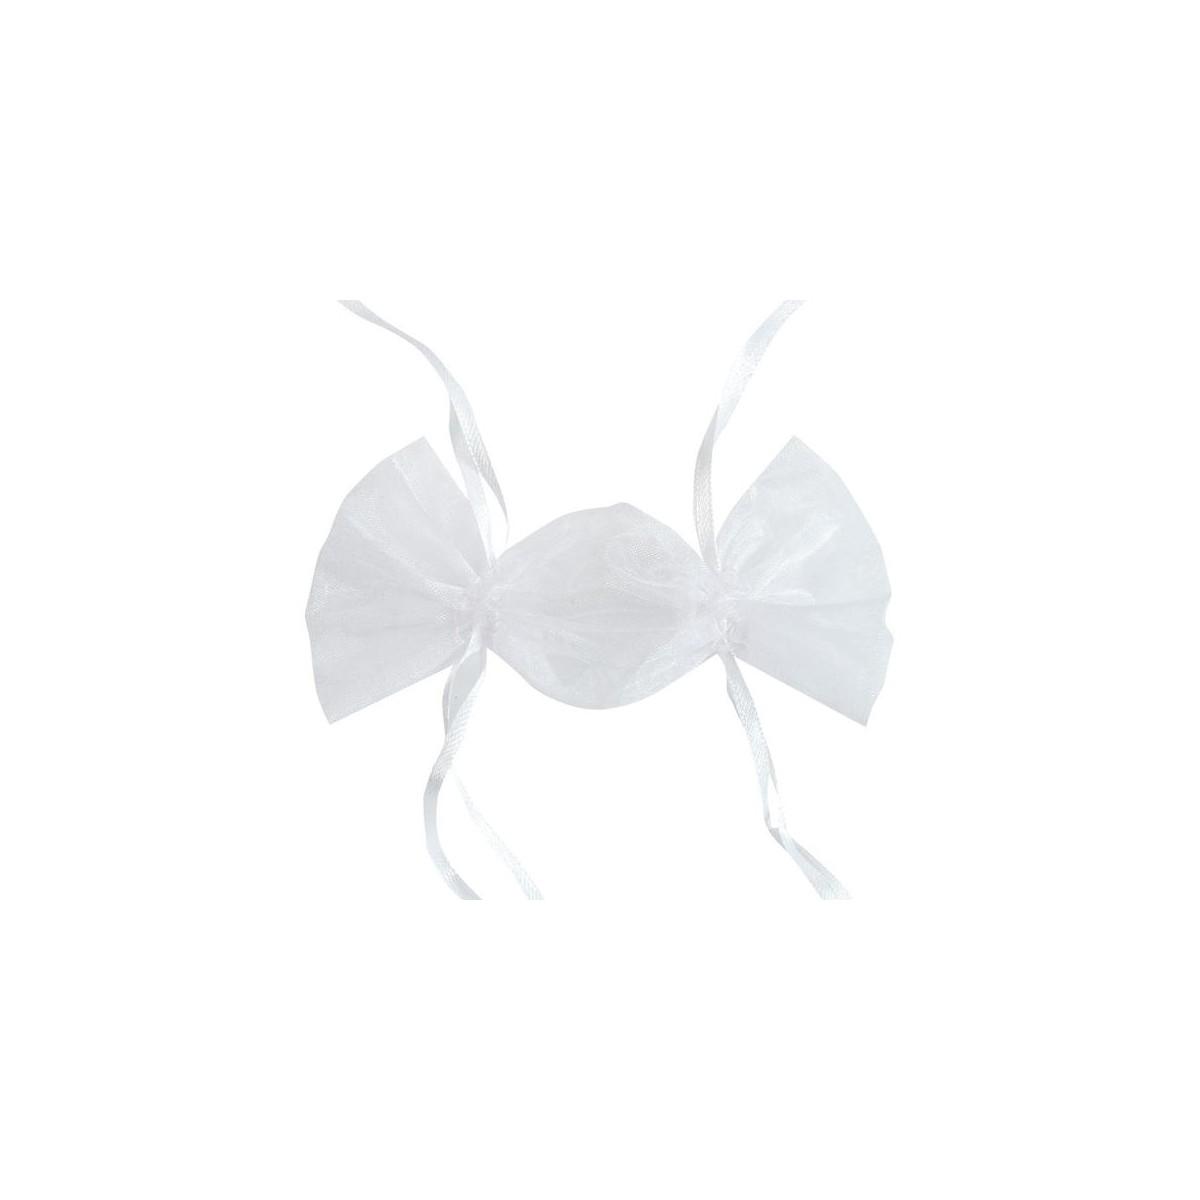 Sachet dragées bonbon x 6 - Blanc